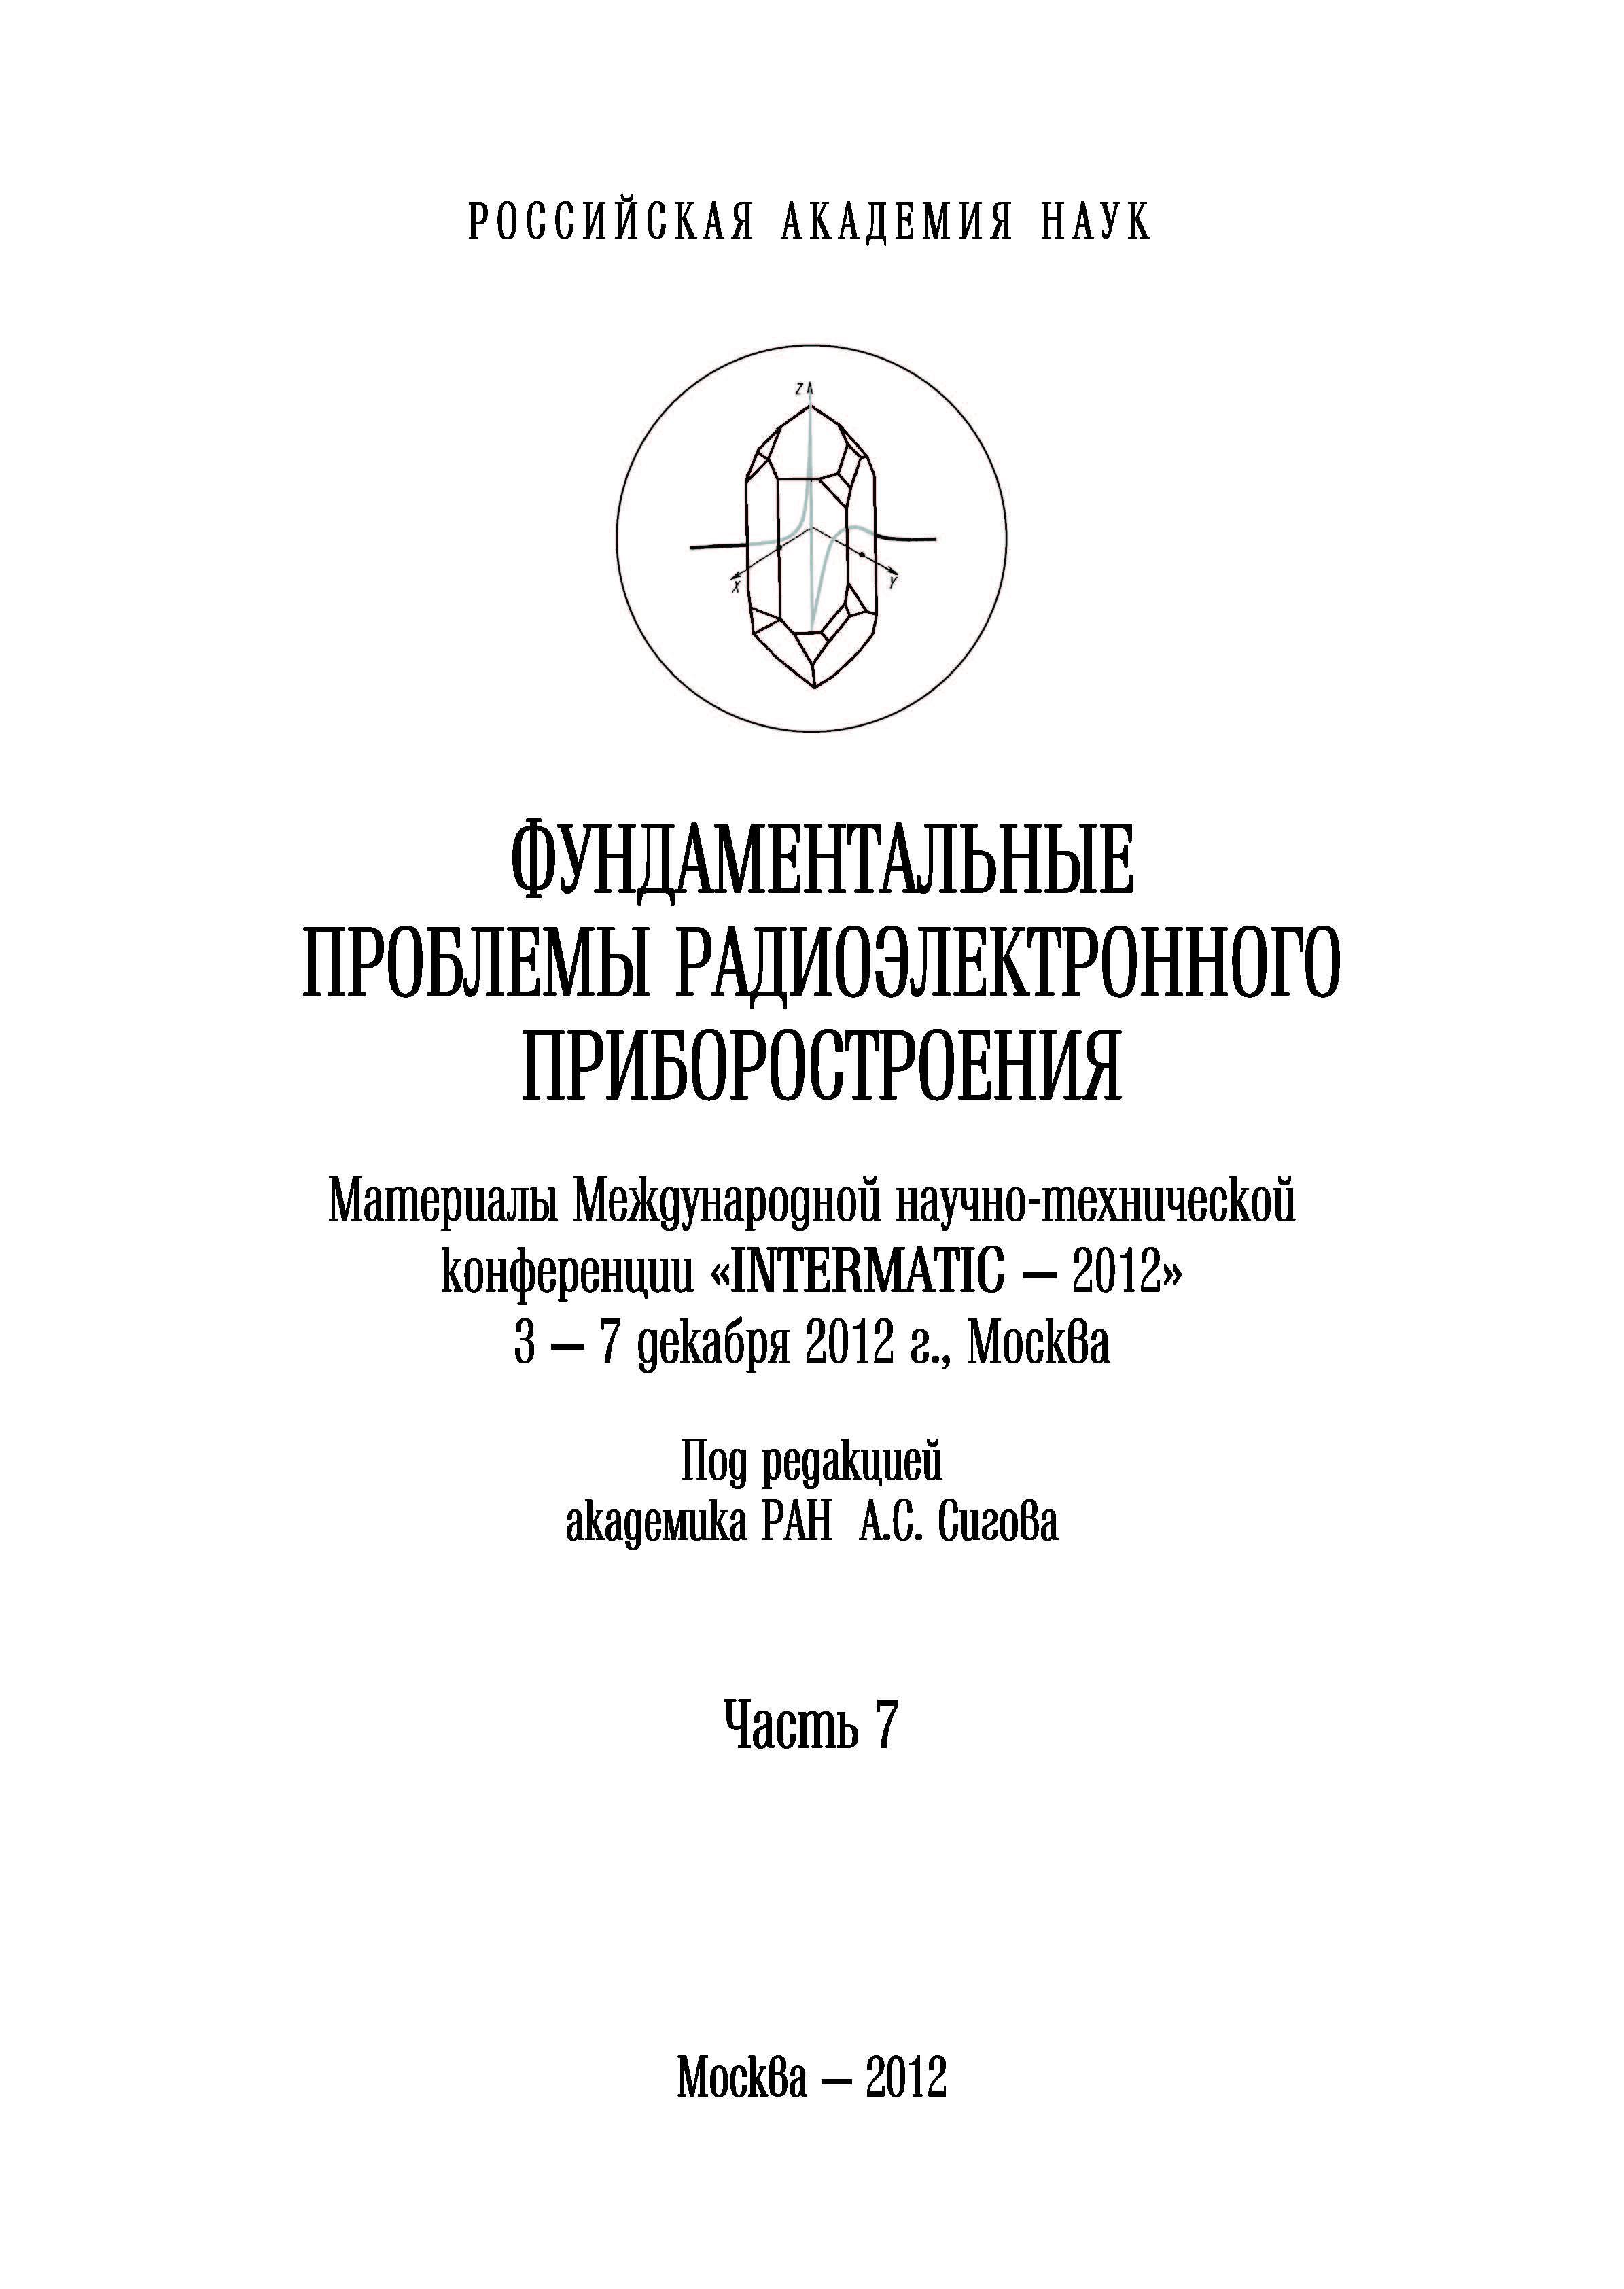 Обобщенный критерий оценки качества оборудования иммерсионной ультрафиолетовой литографии